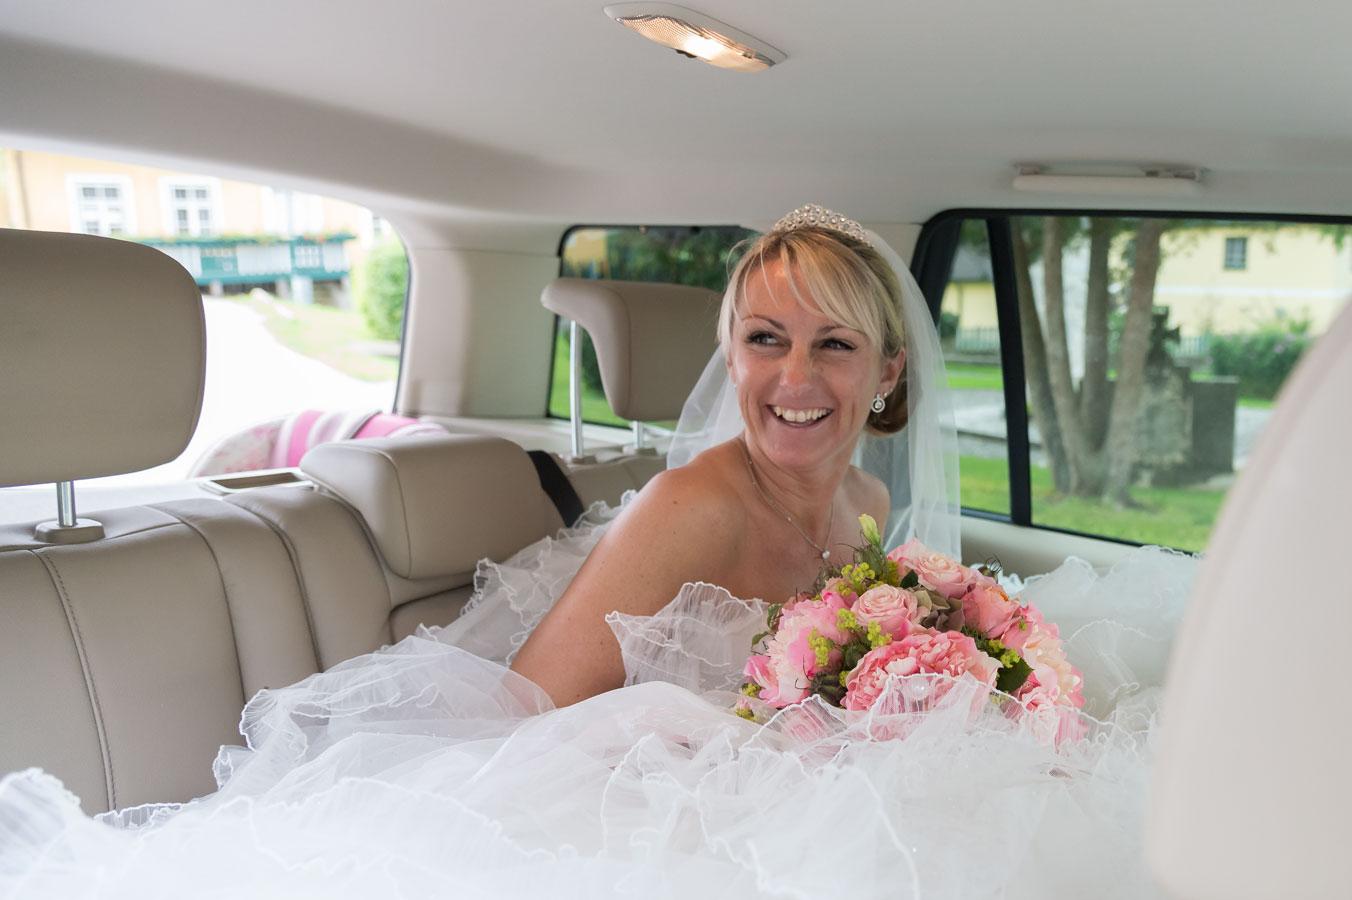 Foto-WorX - Hochzeit